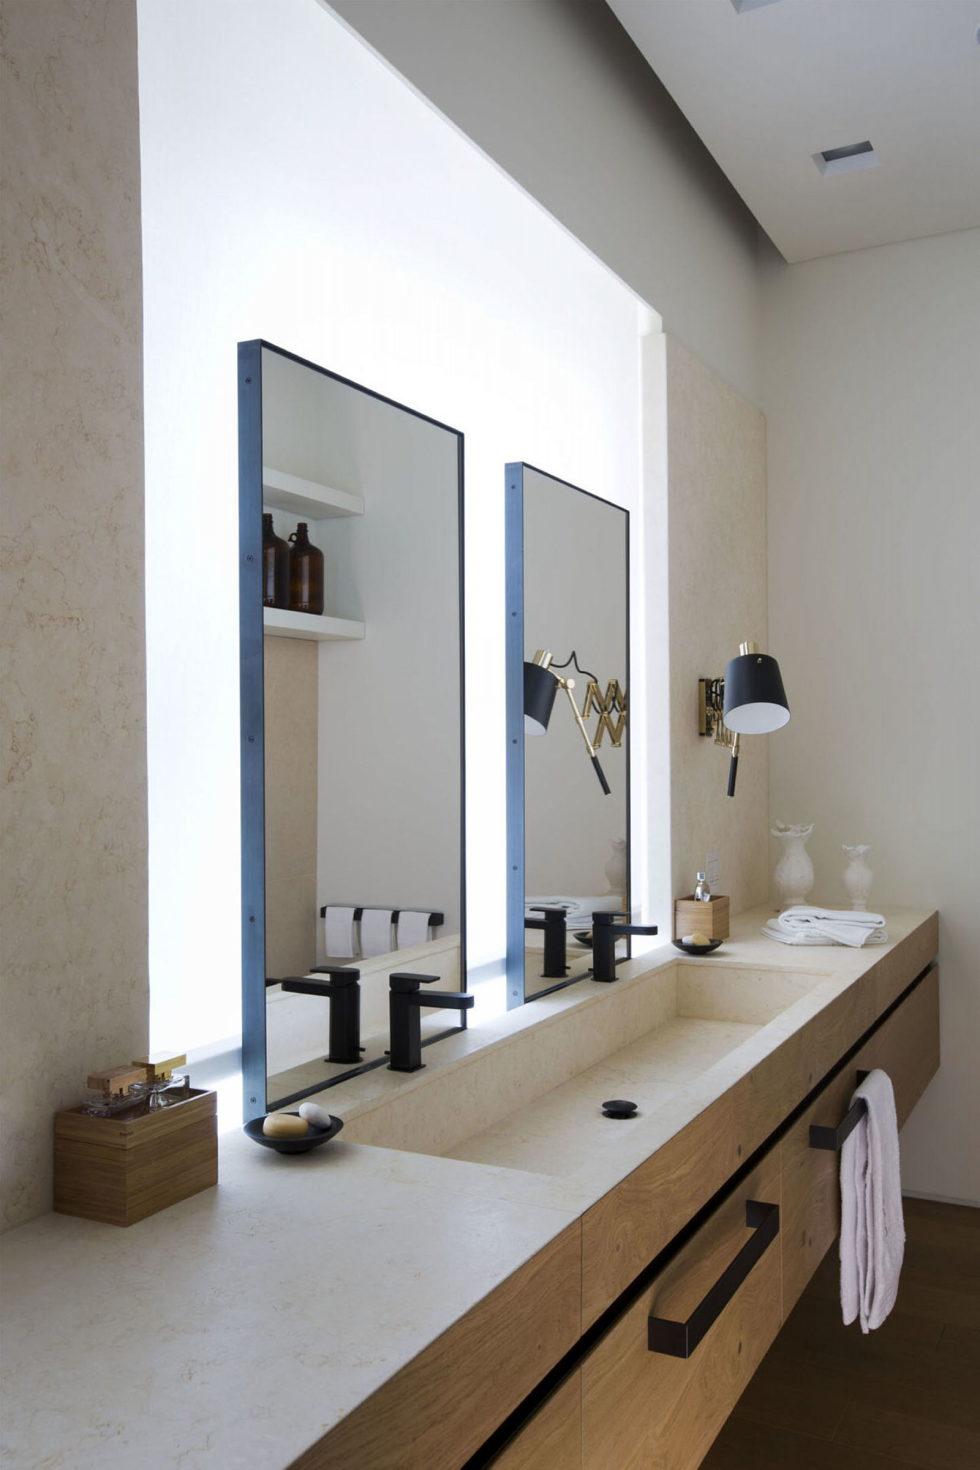 Quindiciquattro Apartments At The Center Of Turin From Fabio Fantolino 20